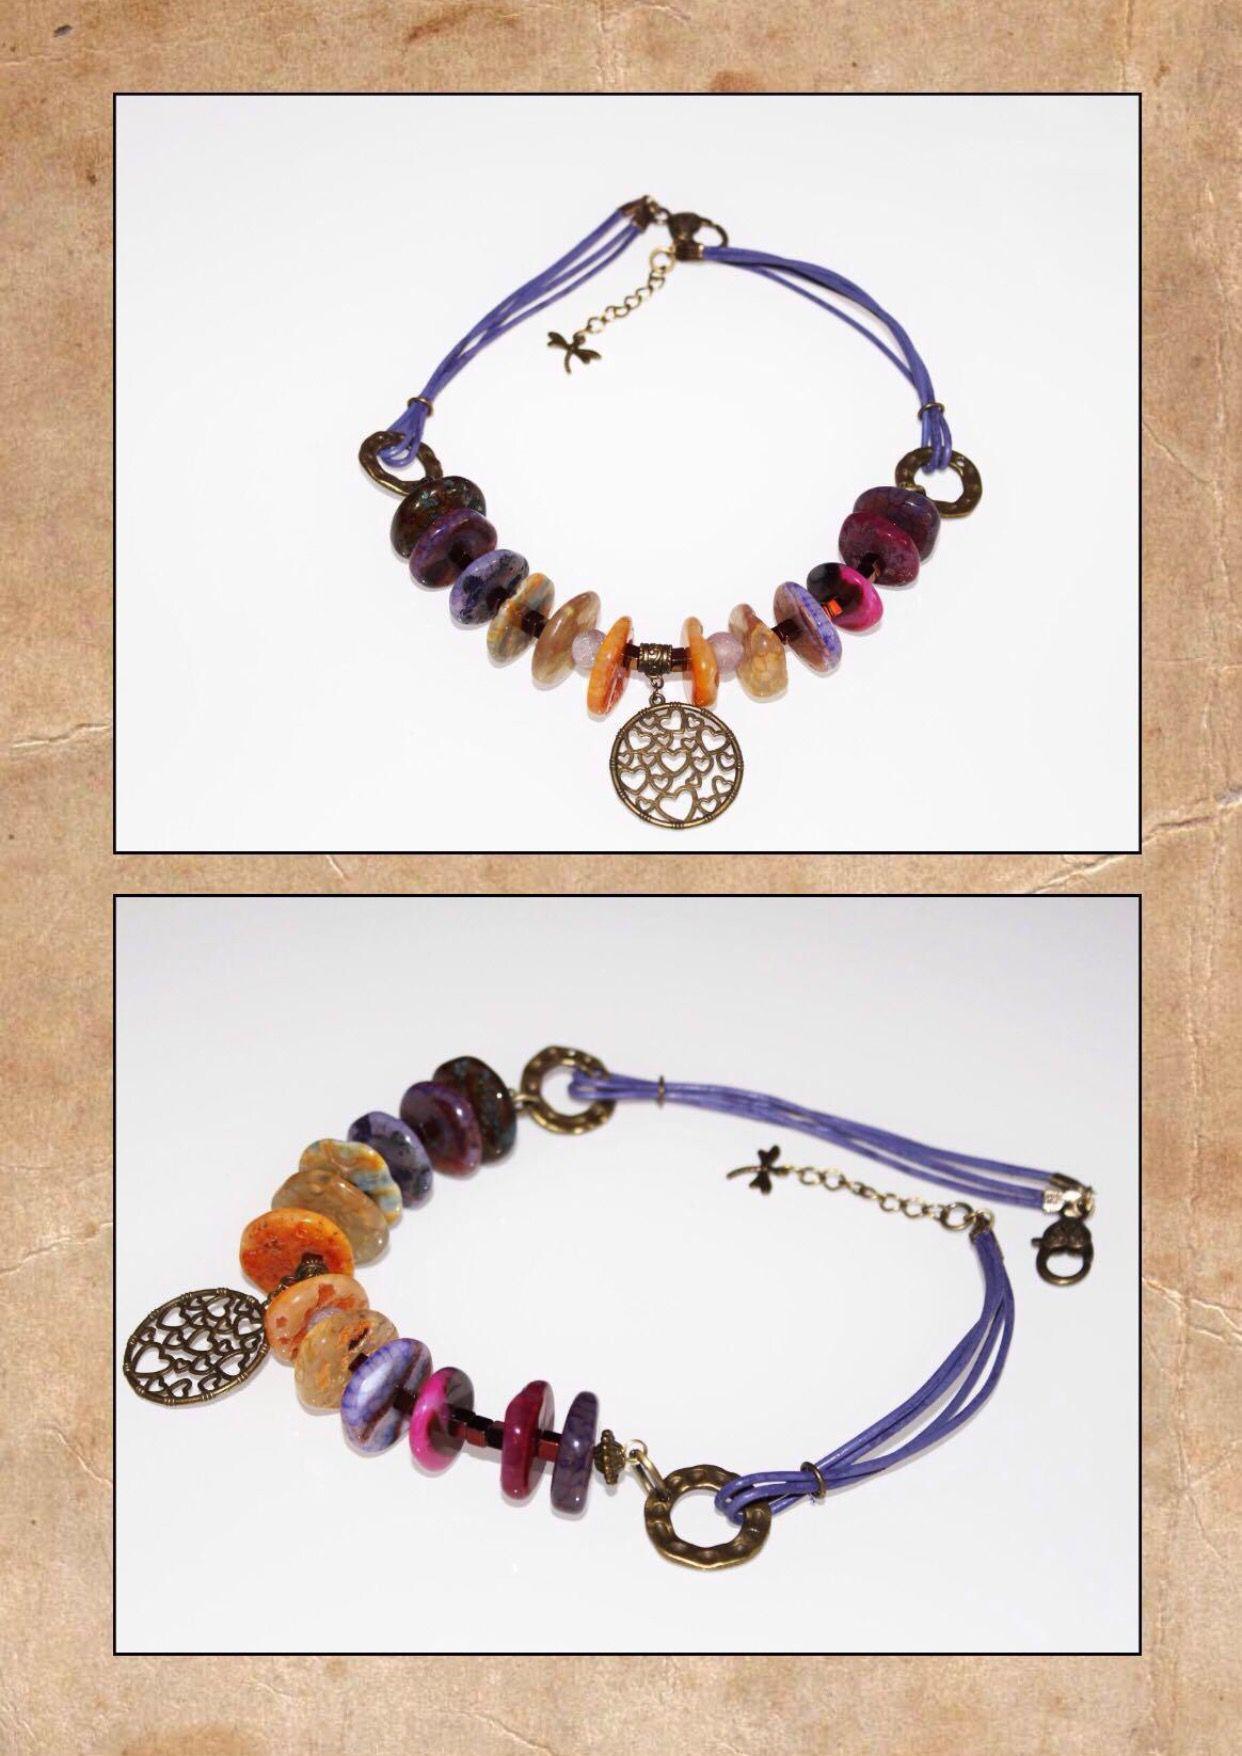 ручнаяработа кожа женщин агат стильно ярко для натуральныекамни handmade фиолетовый украшения подарки